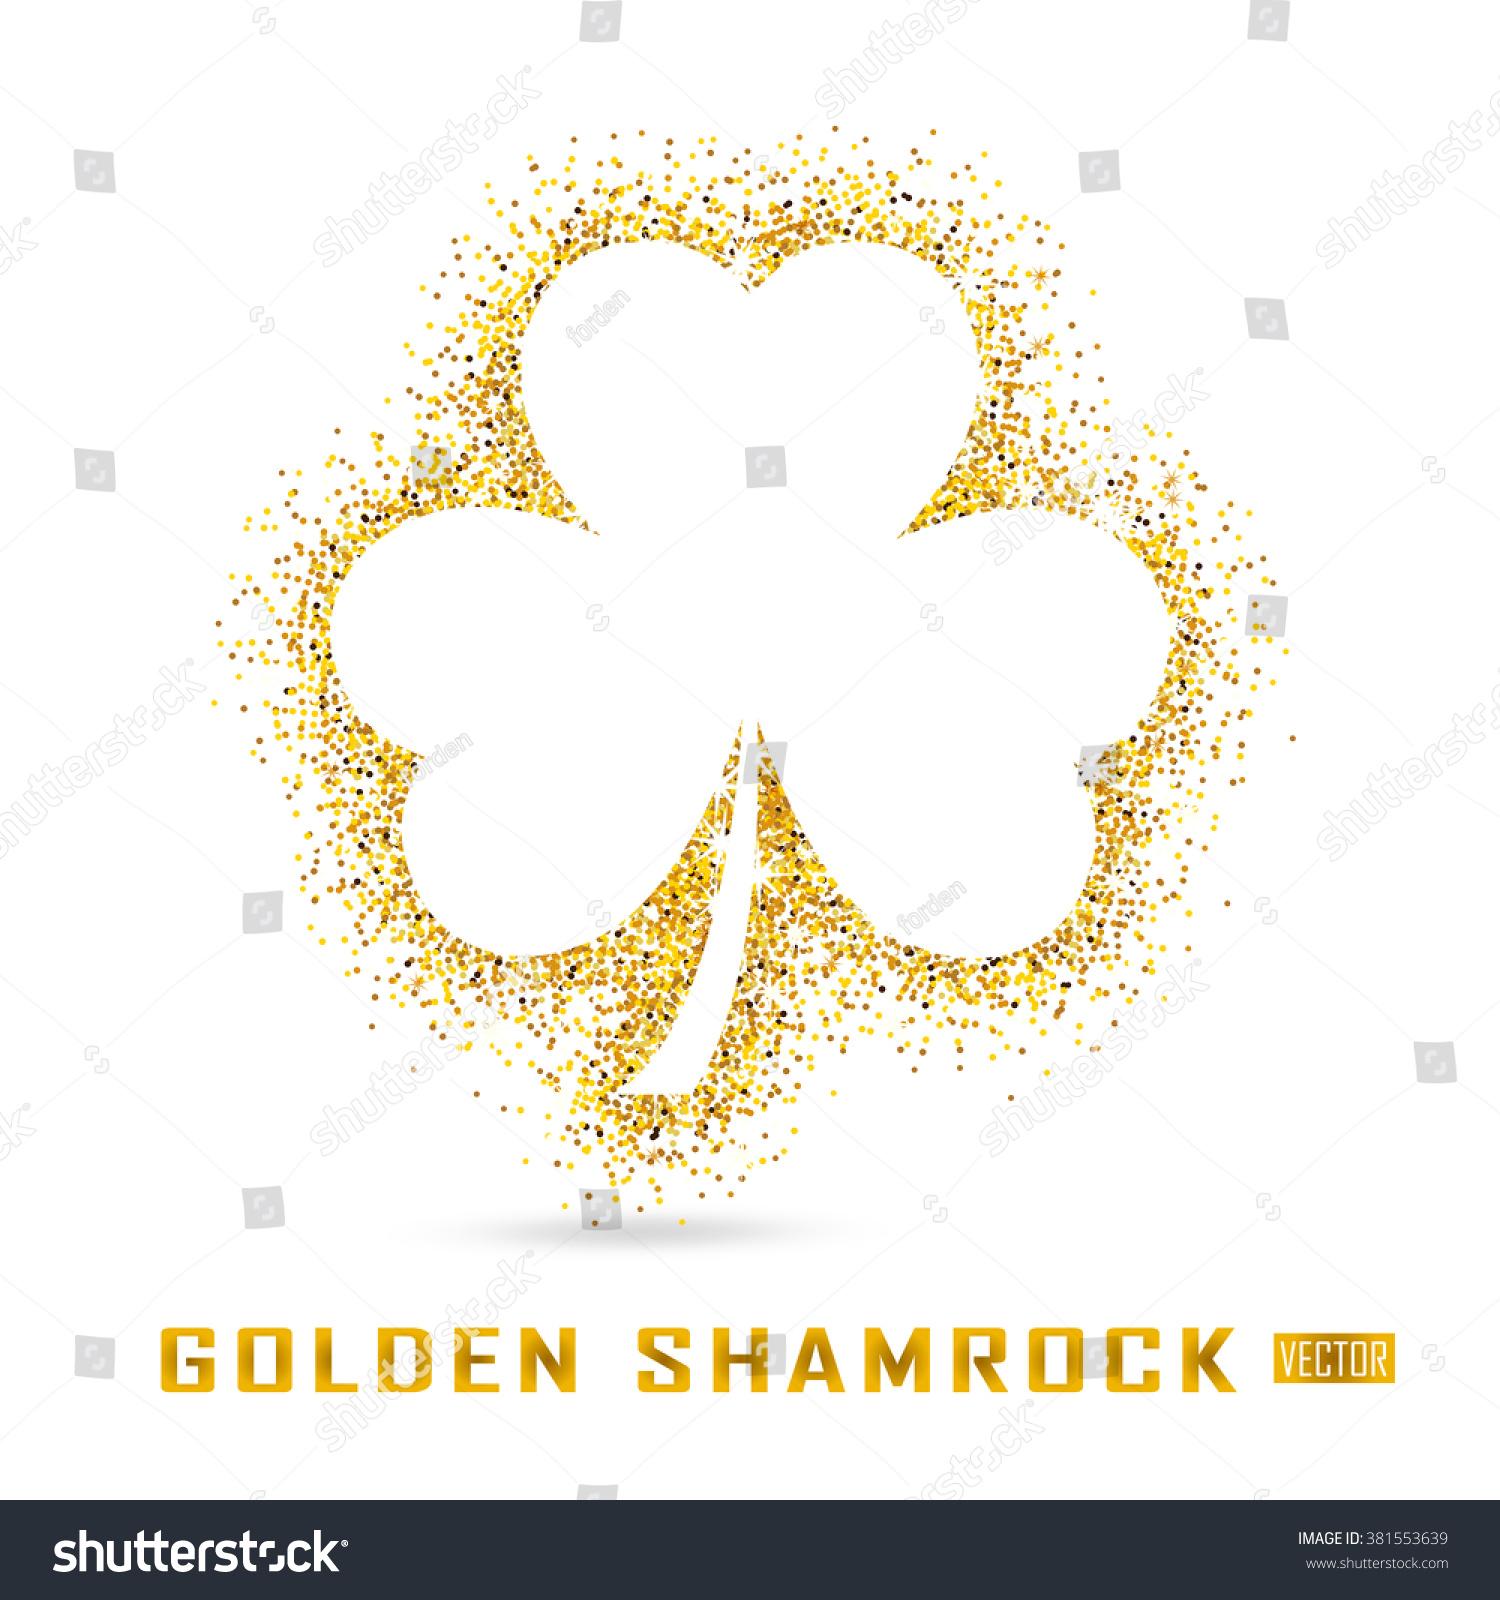 golden shamrock - 2